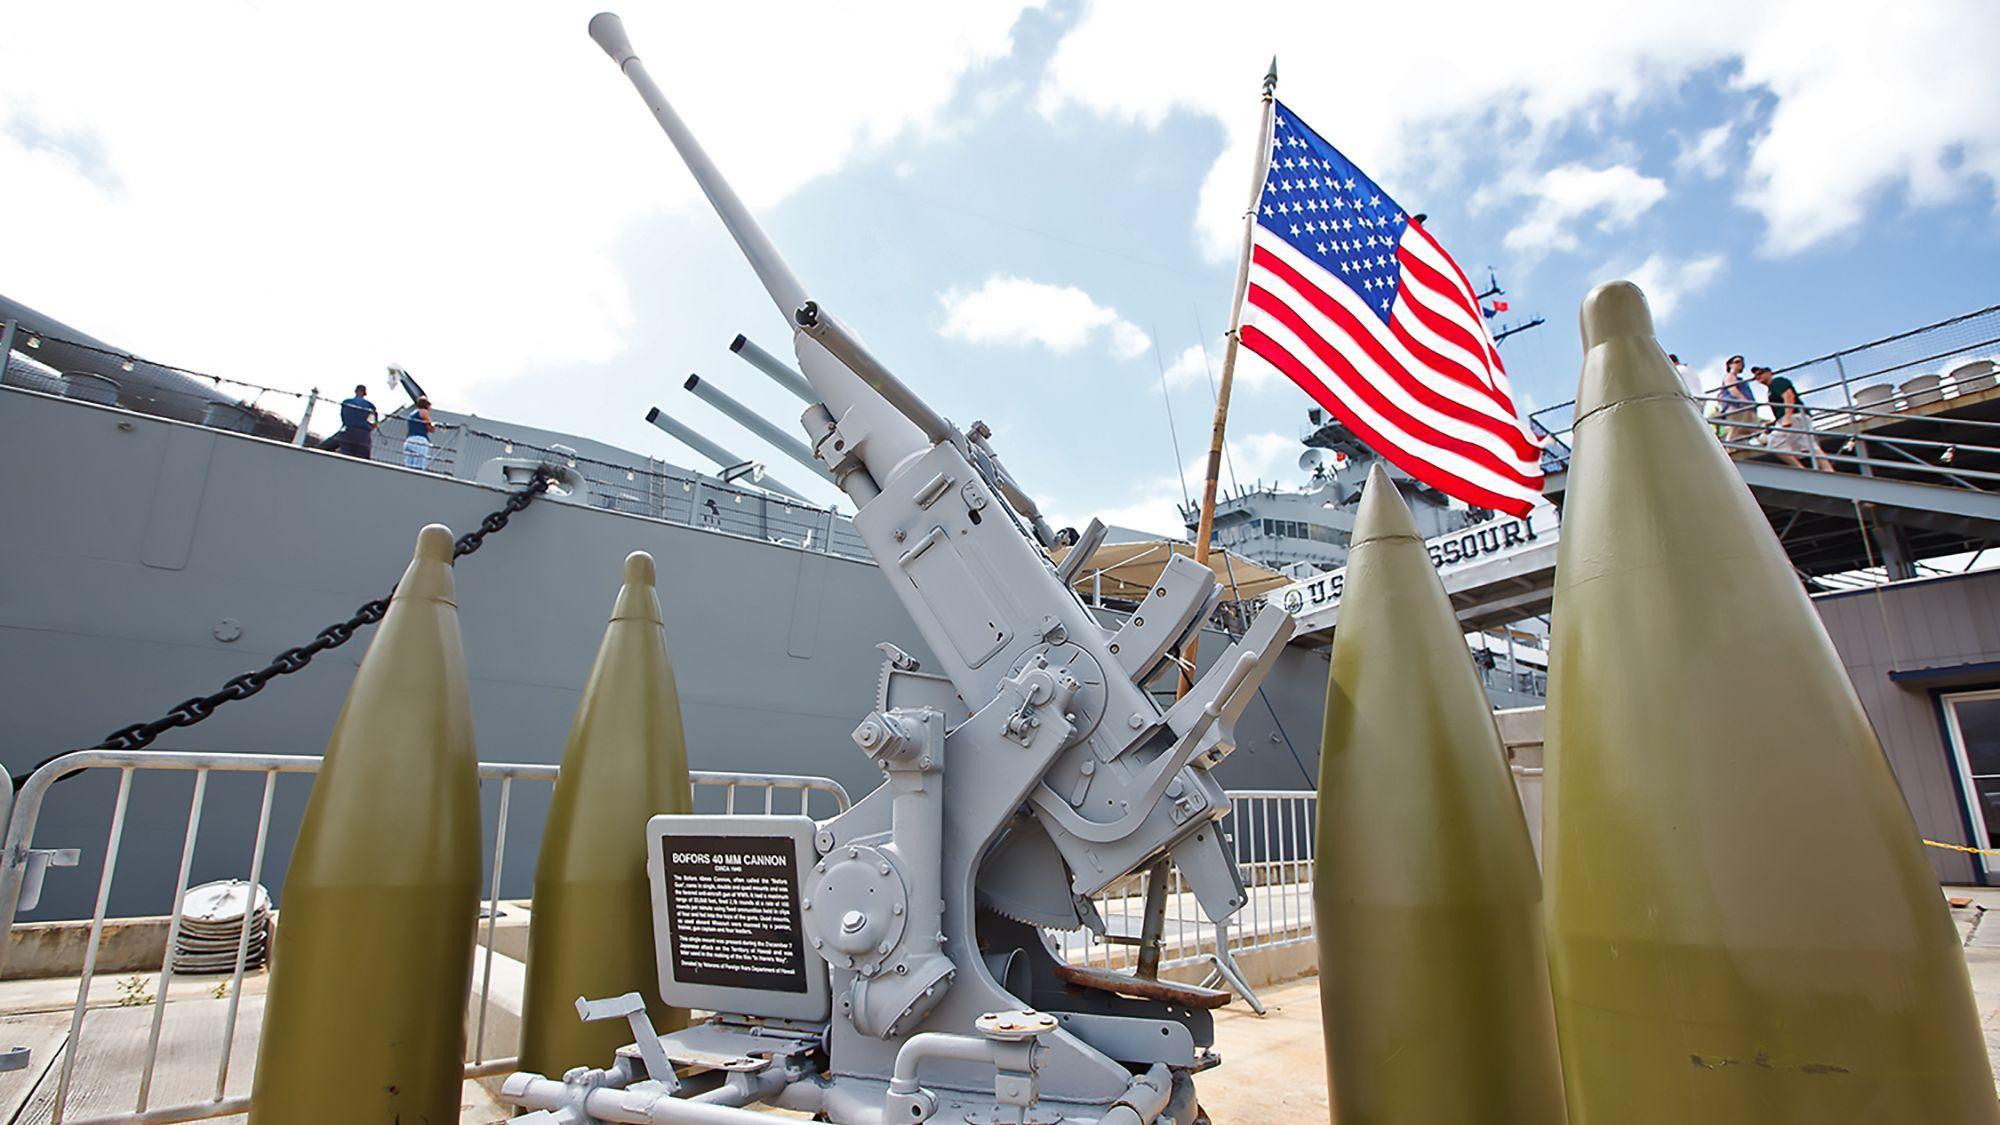 USS Missouri, Pearl Harbor, Arizona Memorial & Punchbowl Tour